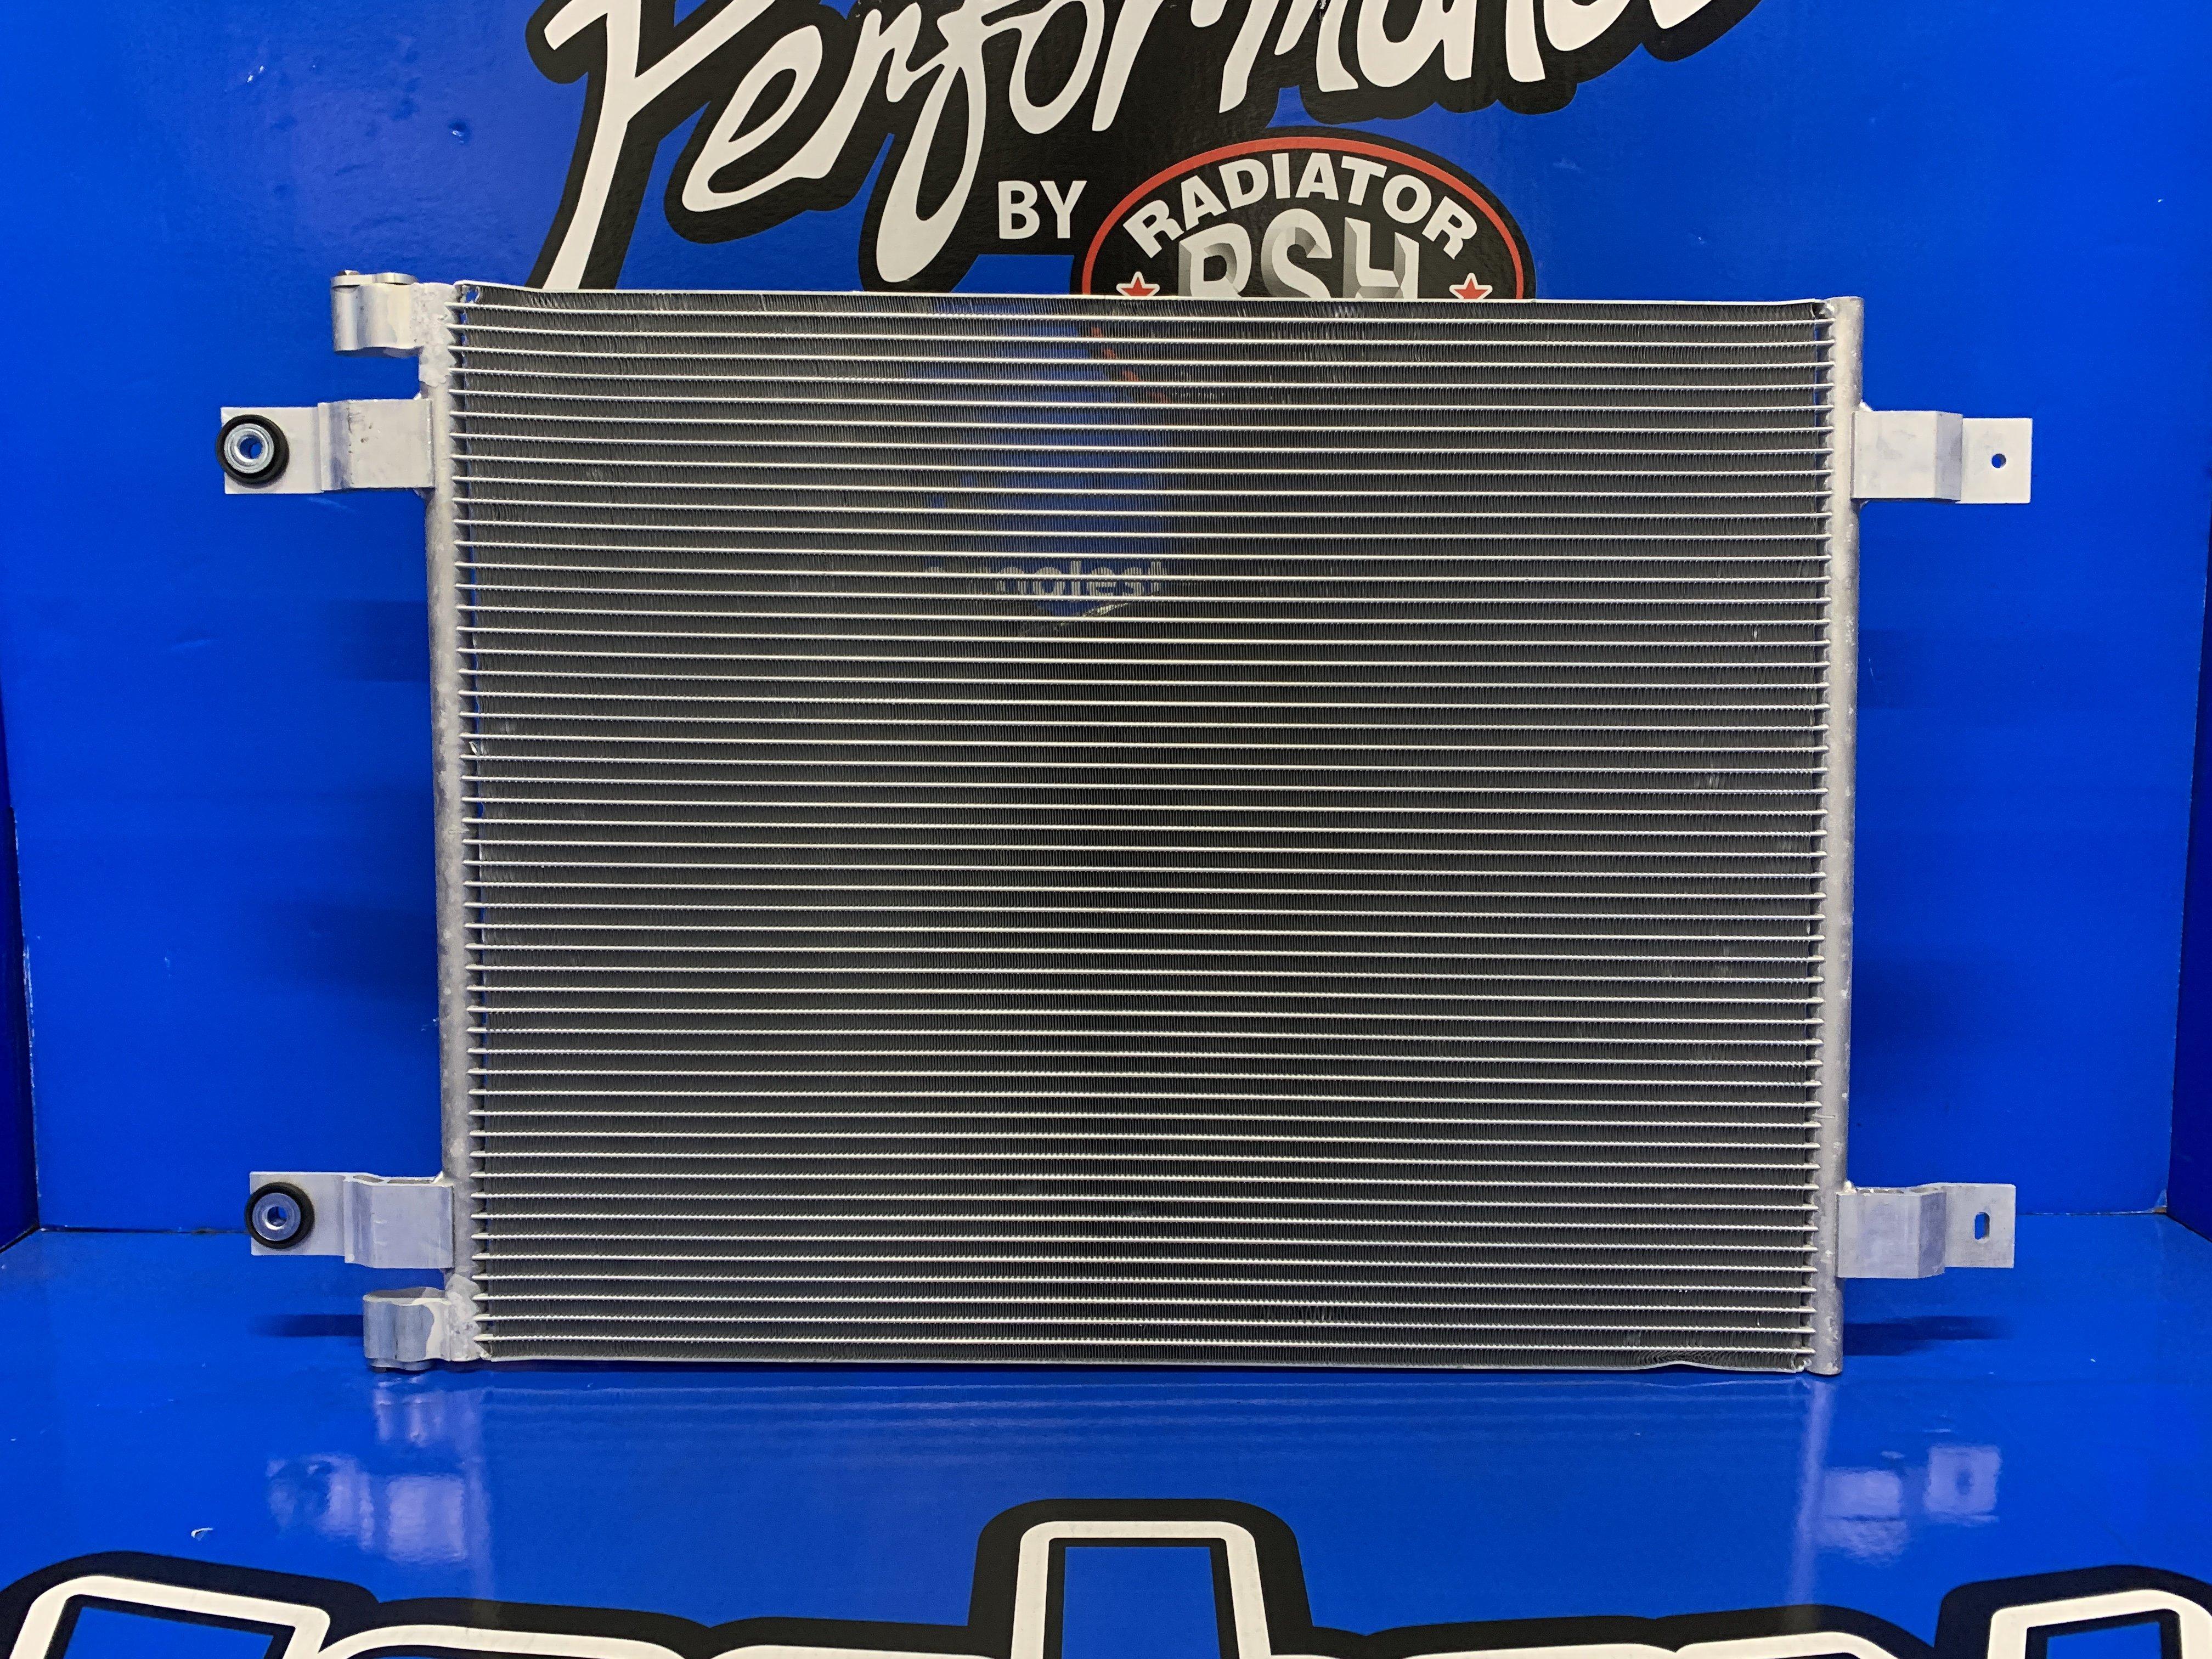 ac-condenser-kenworth-new-part-no-v3695001-147149-15104215